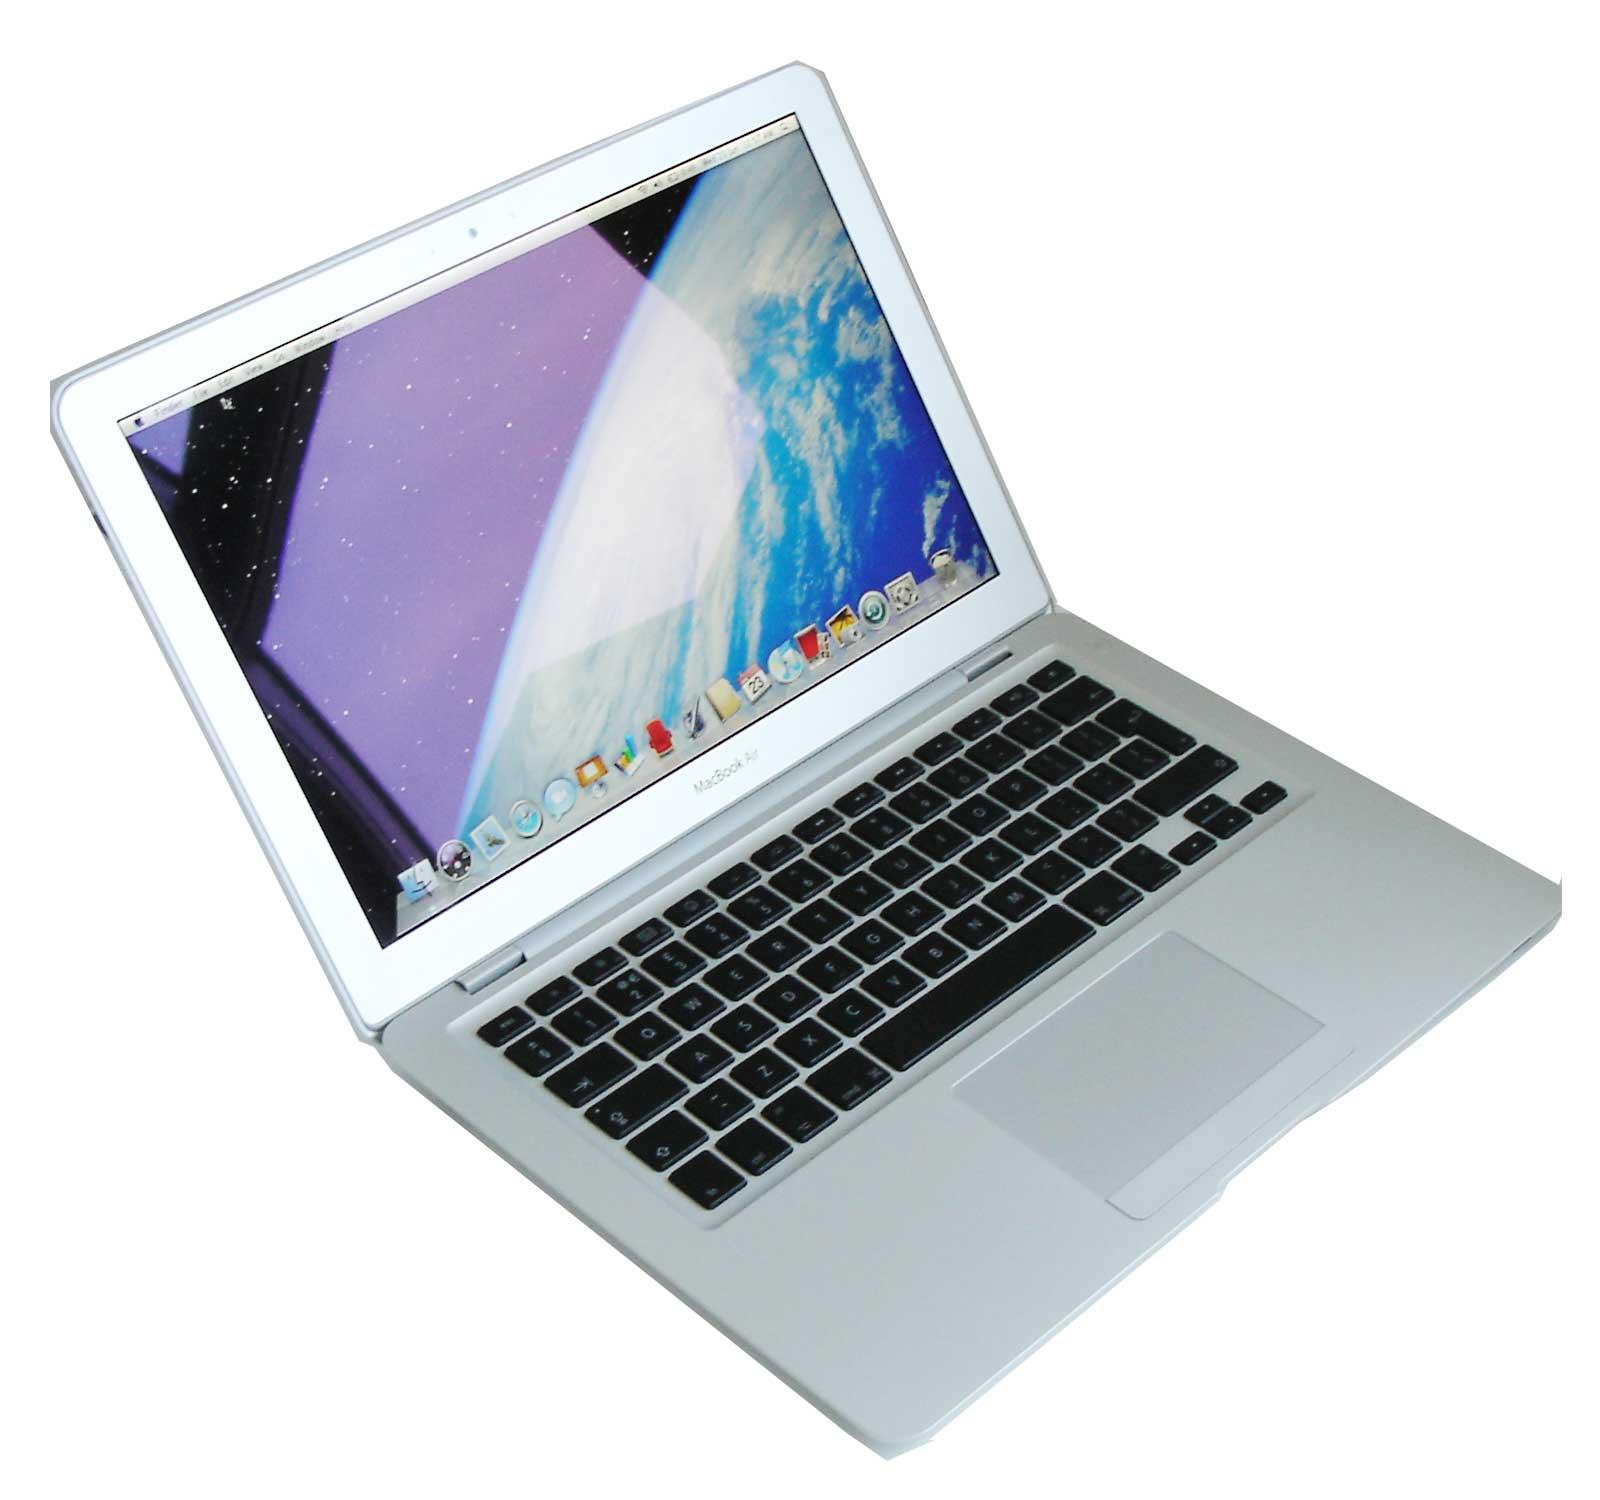 macbook pro a1278 mb990lla 13 3 inch screen. Black Bedroom Furniture Sets. Home Design Ideas